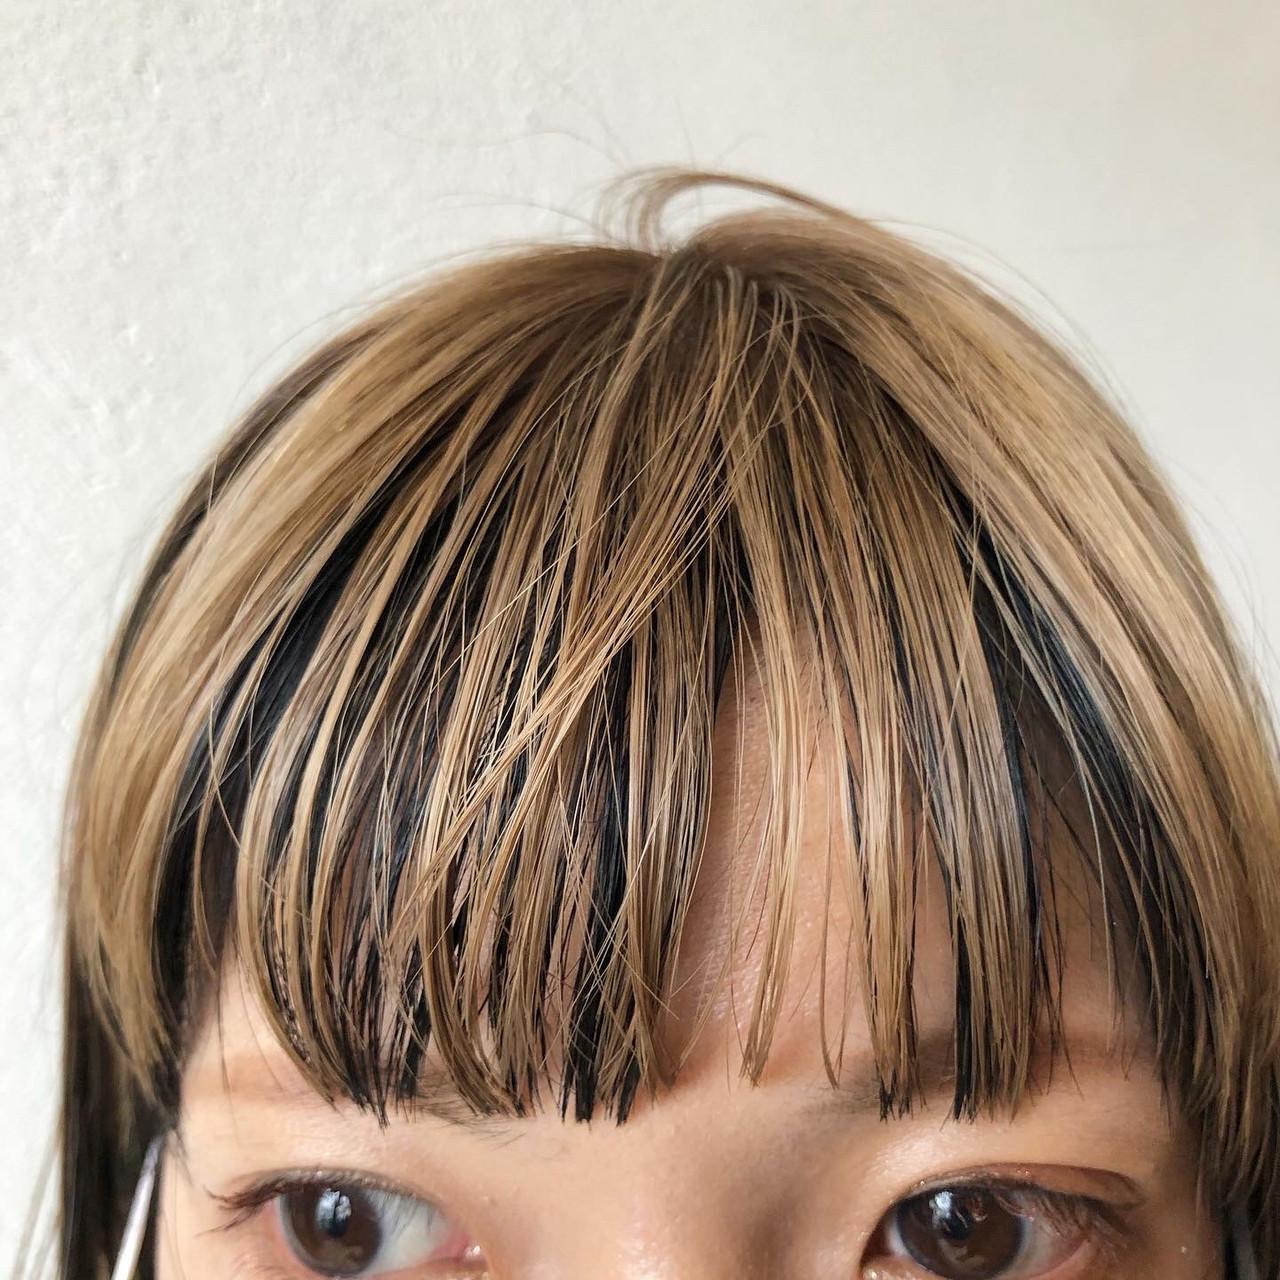 インナーカラー #インナーカラー モード ボブ ヘアスタイルや髪型の写真・画像